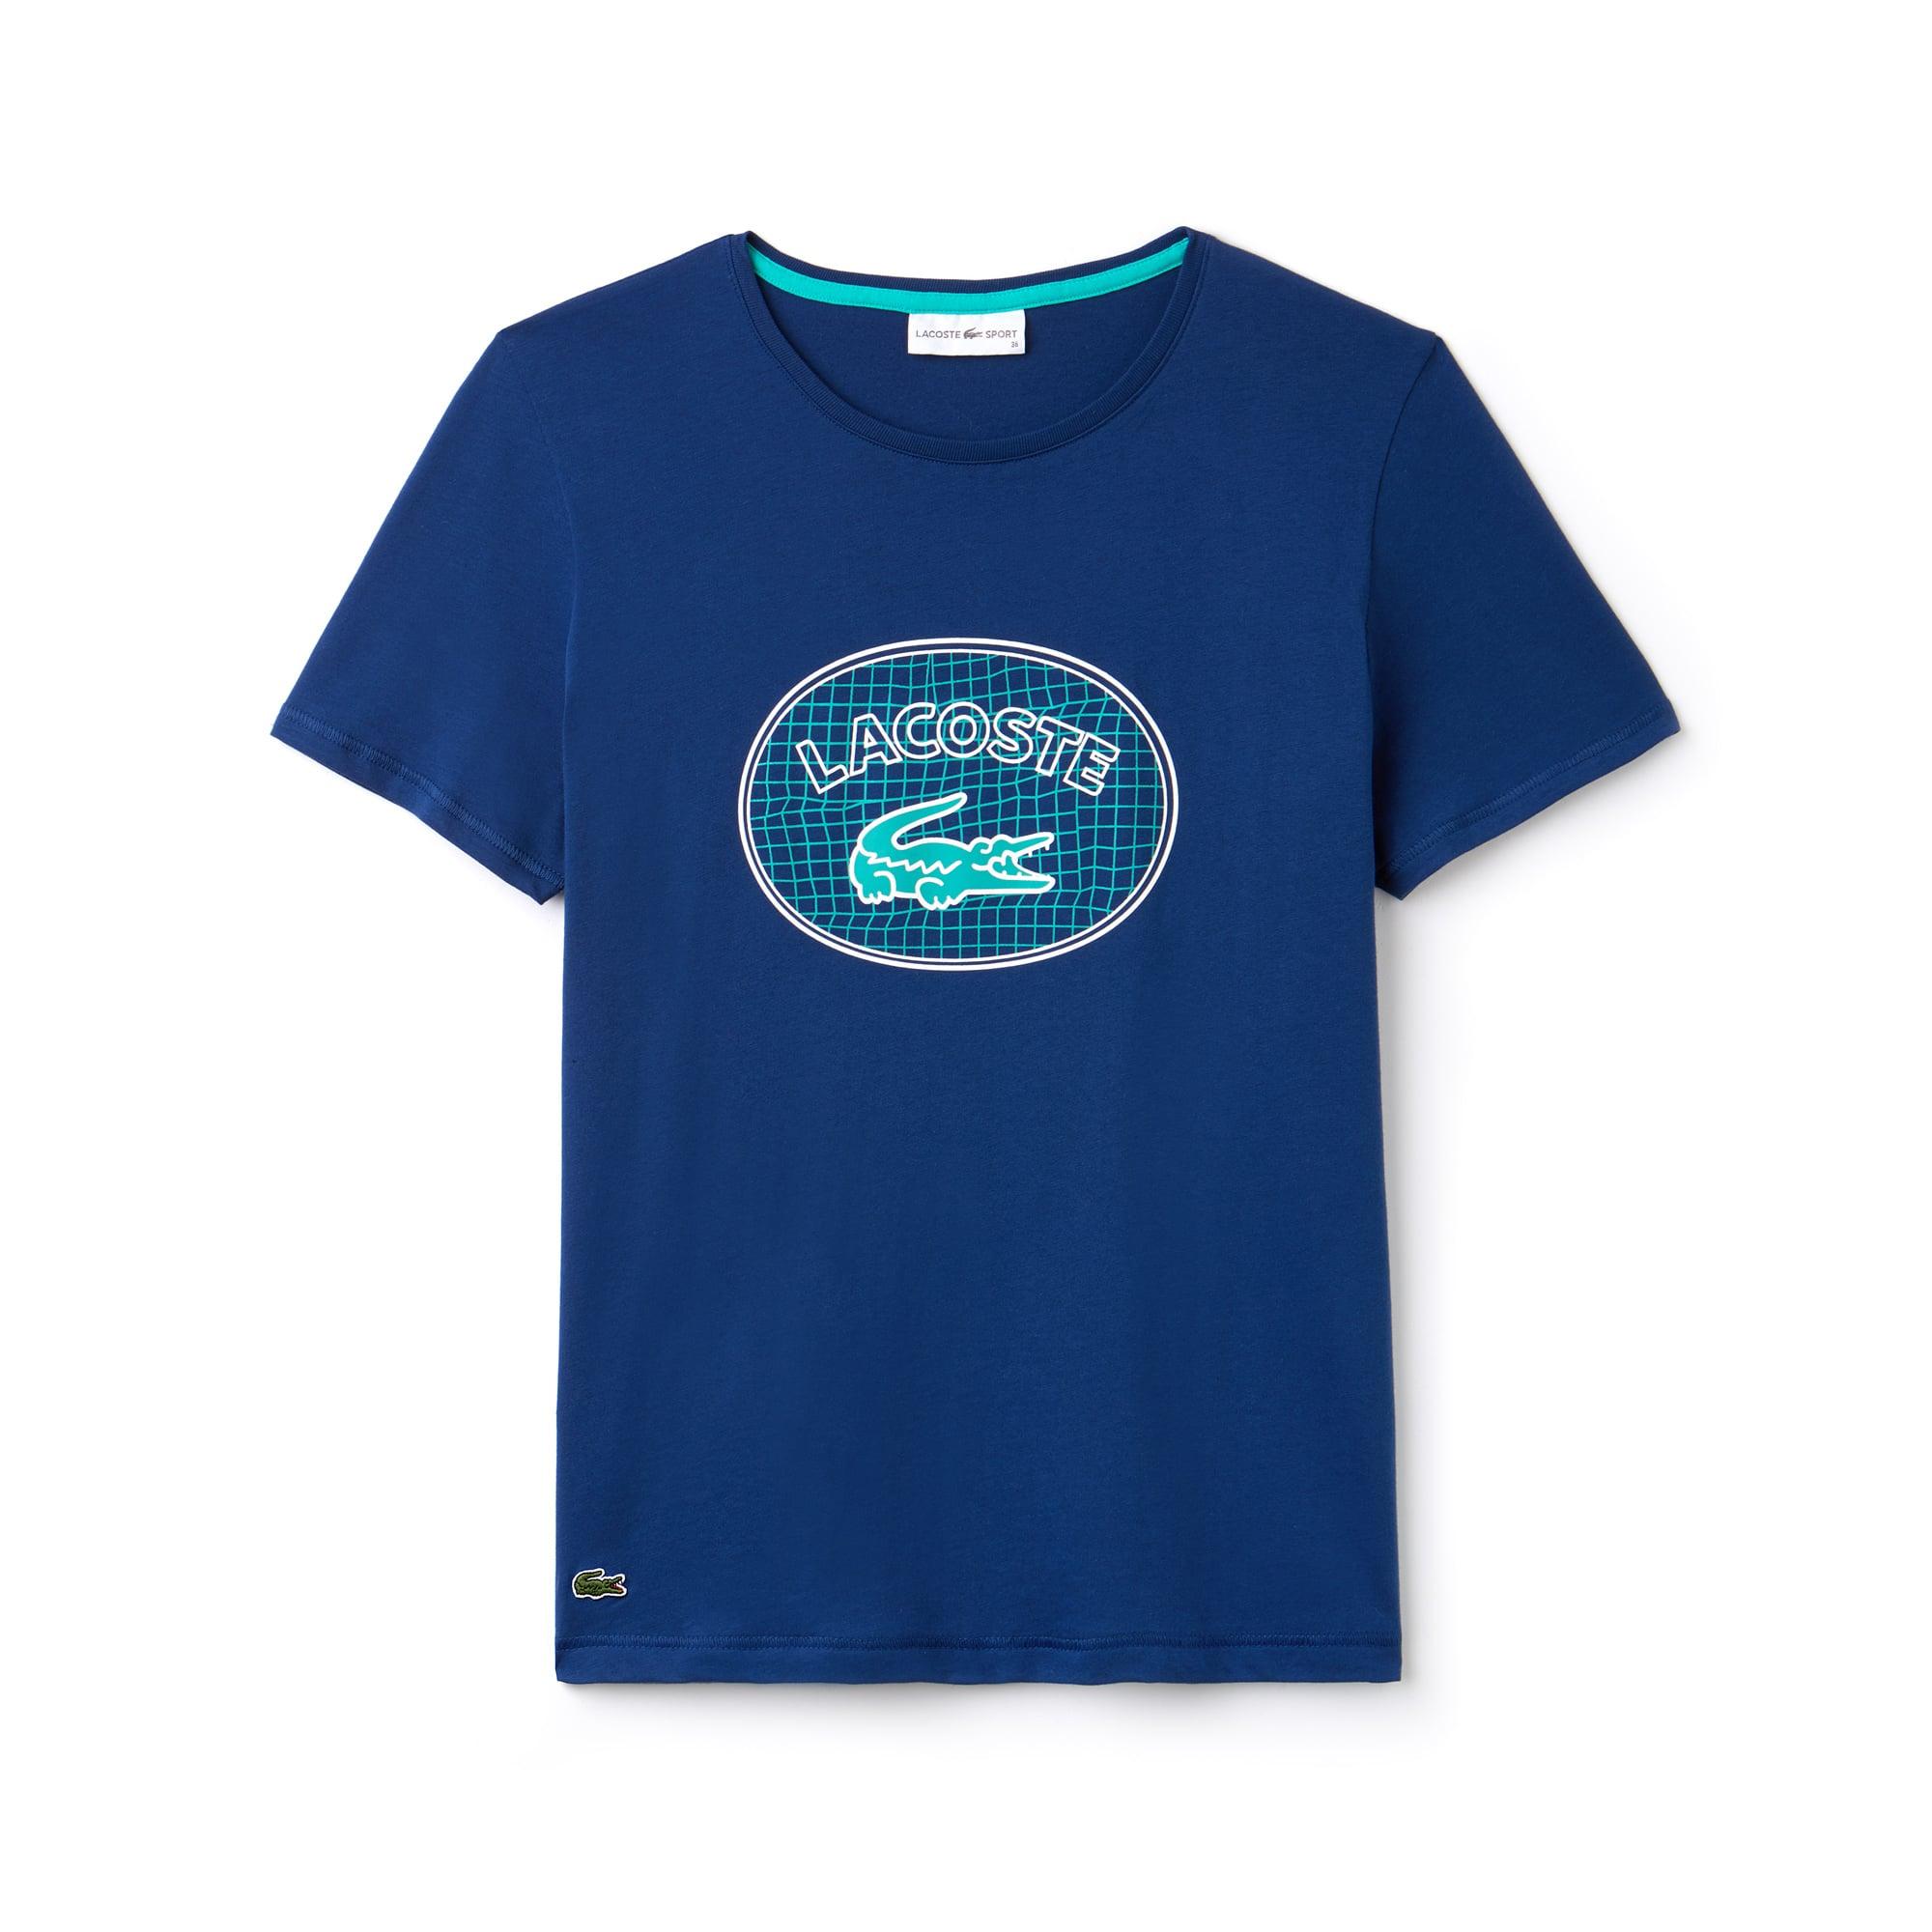 93e9cca091 Women's SPORT Oversized Logo Design Jersey Tennis T-shirt